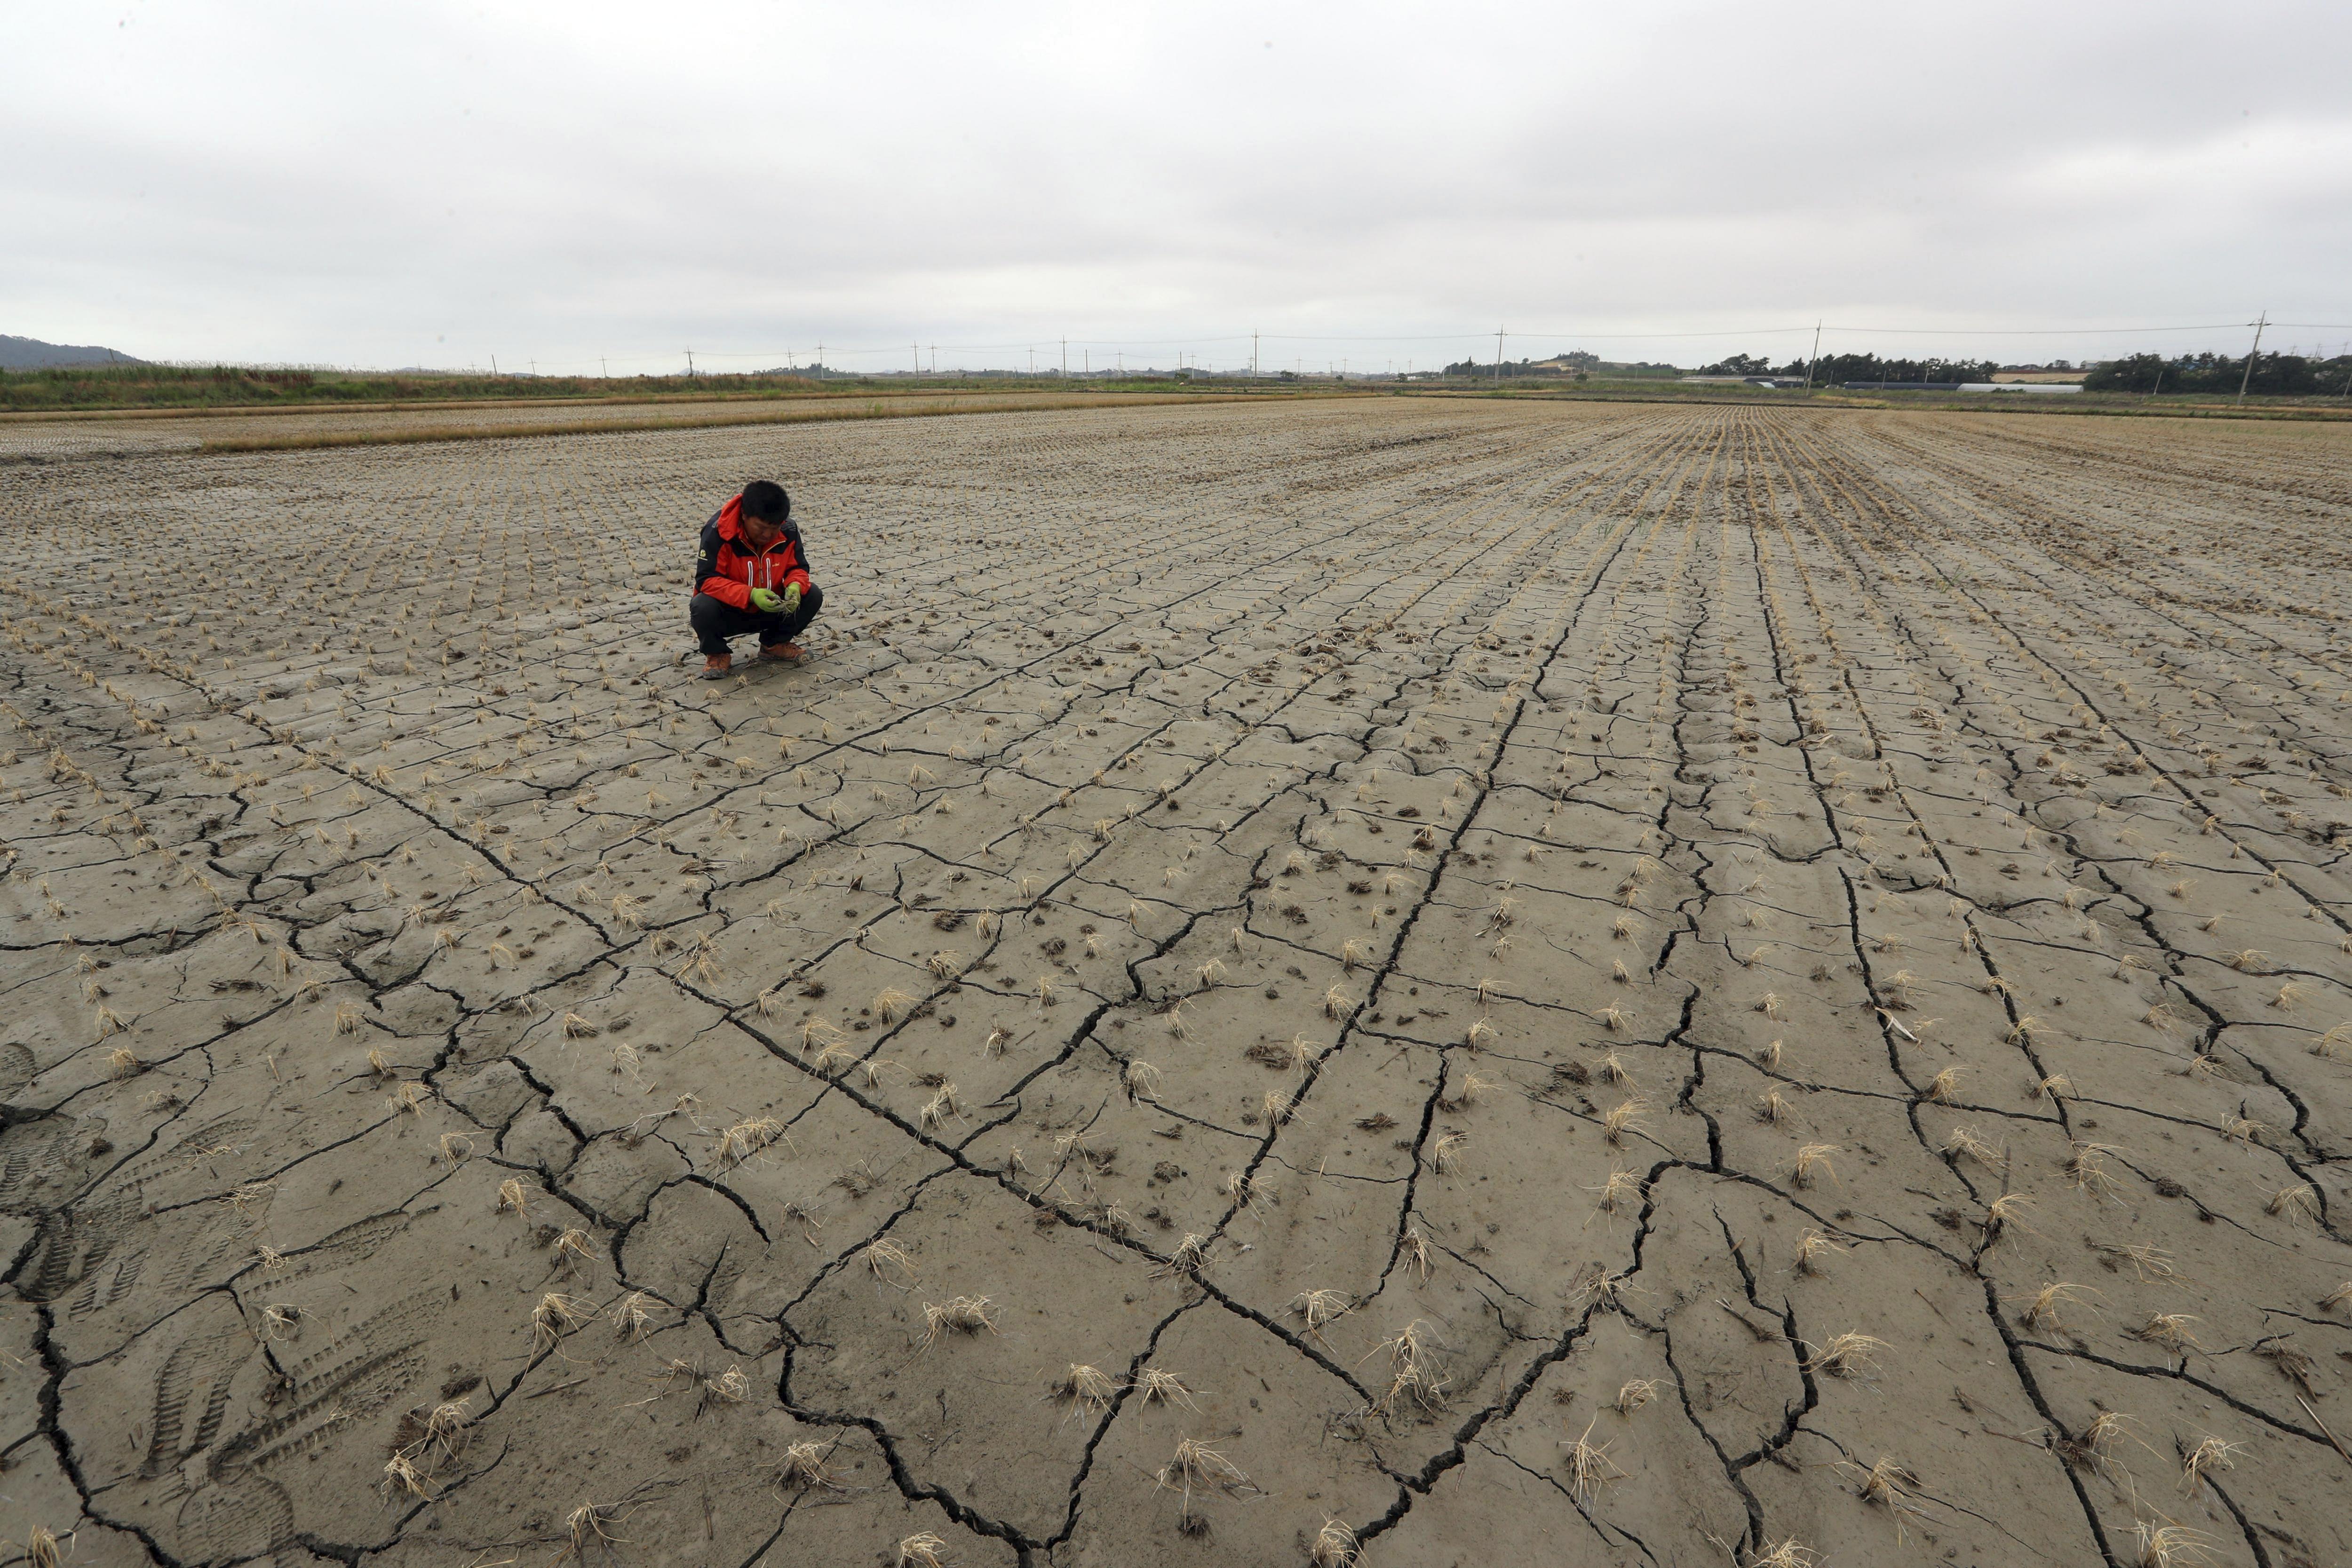 Un agricultor observa les seves plantes d'arròs marcides a causa de la sequera que des de fa un mes afecta la localitat de Muan, a 385 quilòmetres al sud de Seül, Corea del Sud./Yonhap